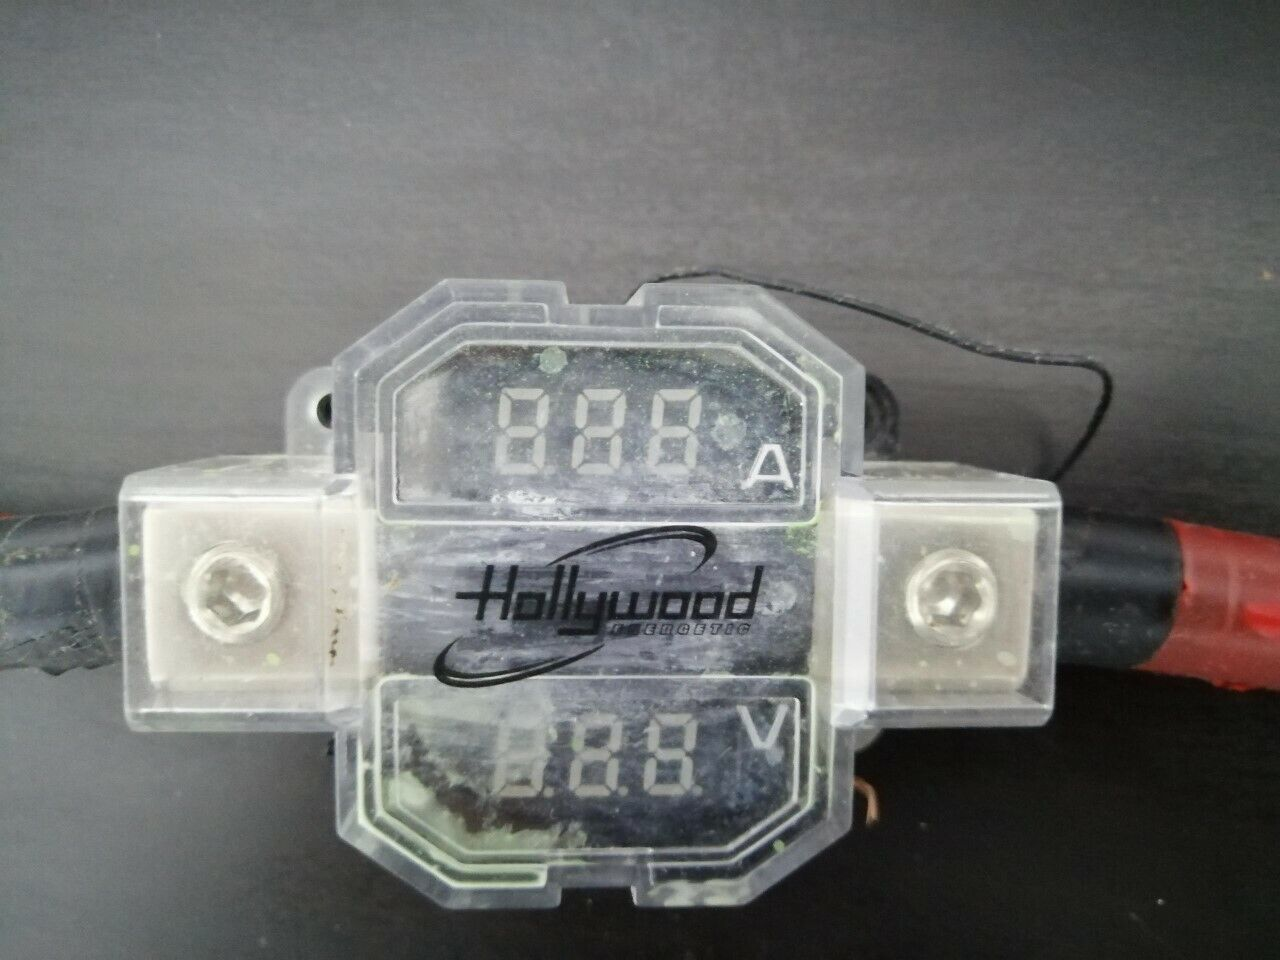 Aofan 500 V 1 m 4 mm 5 Pezzi 5 Colori Cavo per Test Elettrico da Laboratorio 5 A